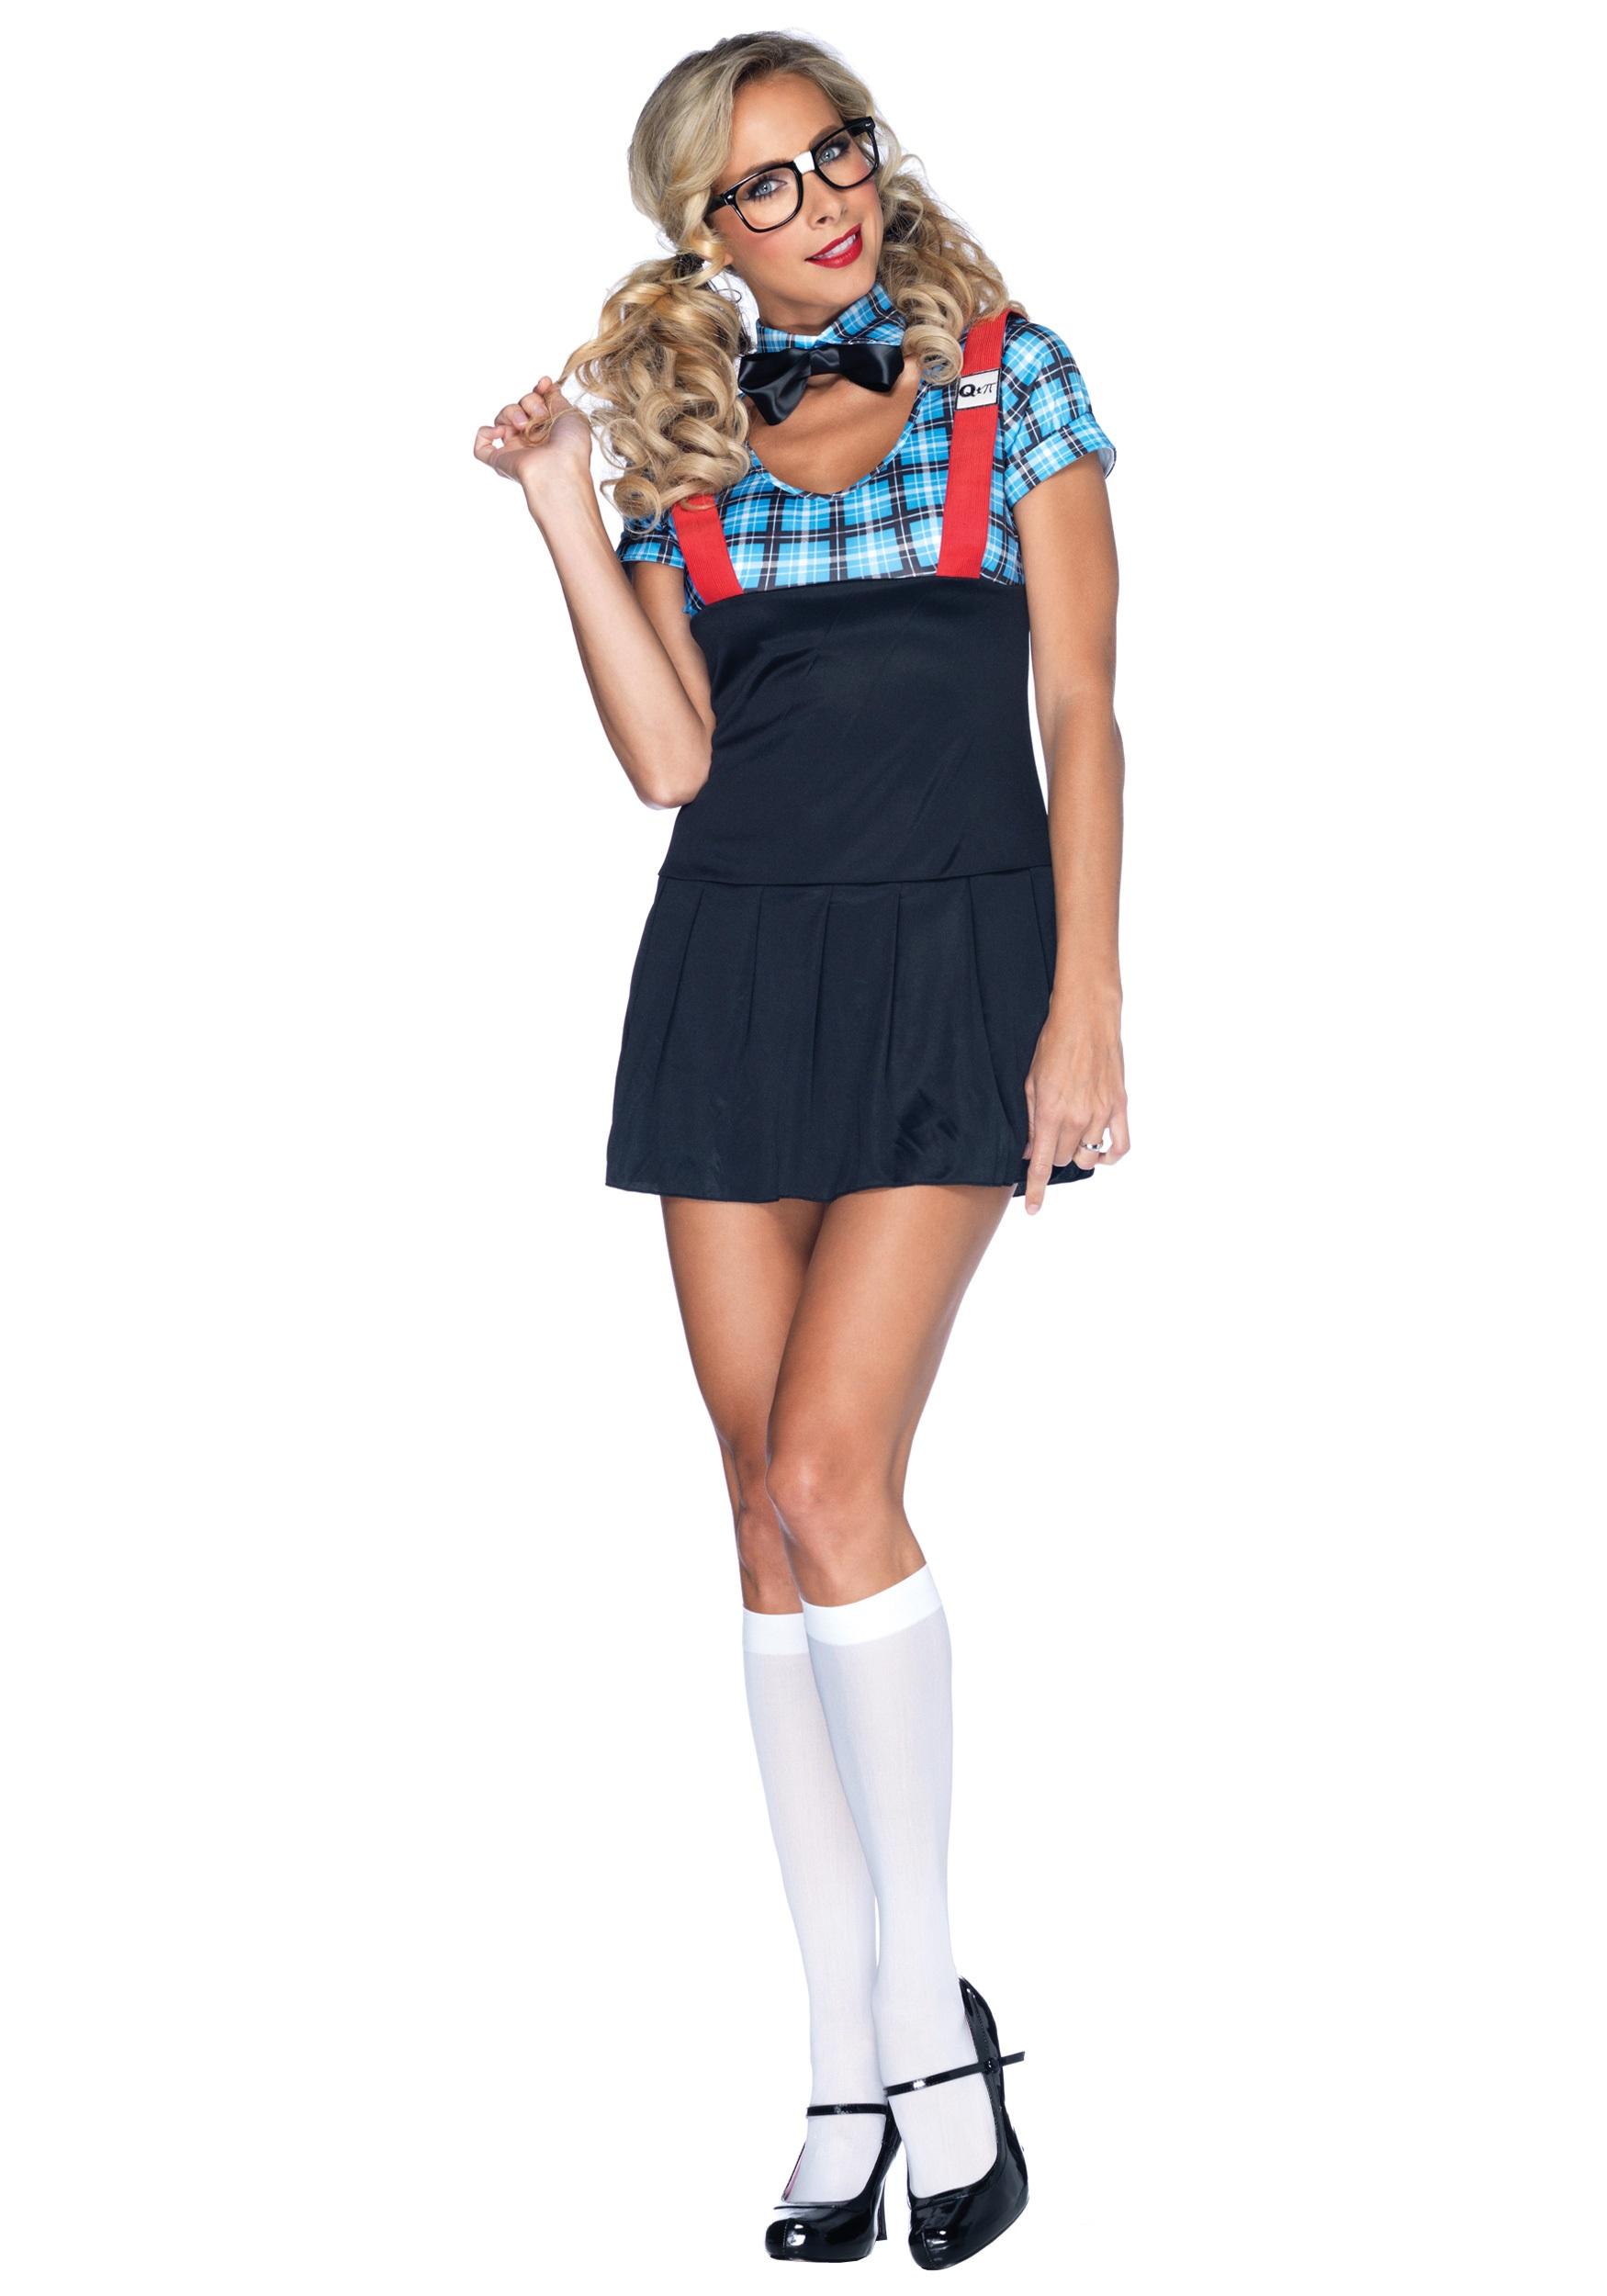 naughty nerd costume